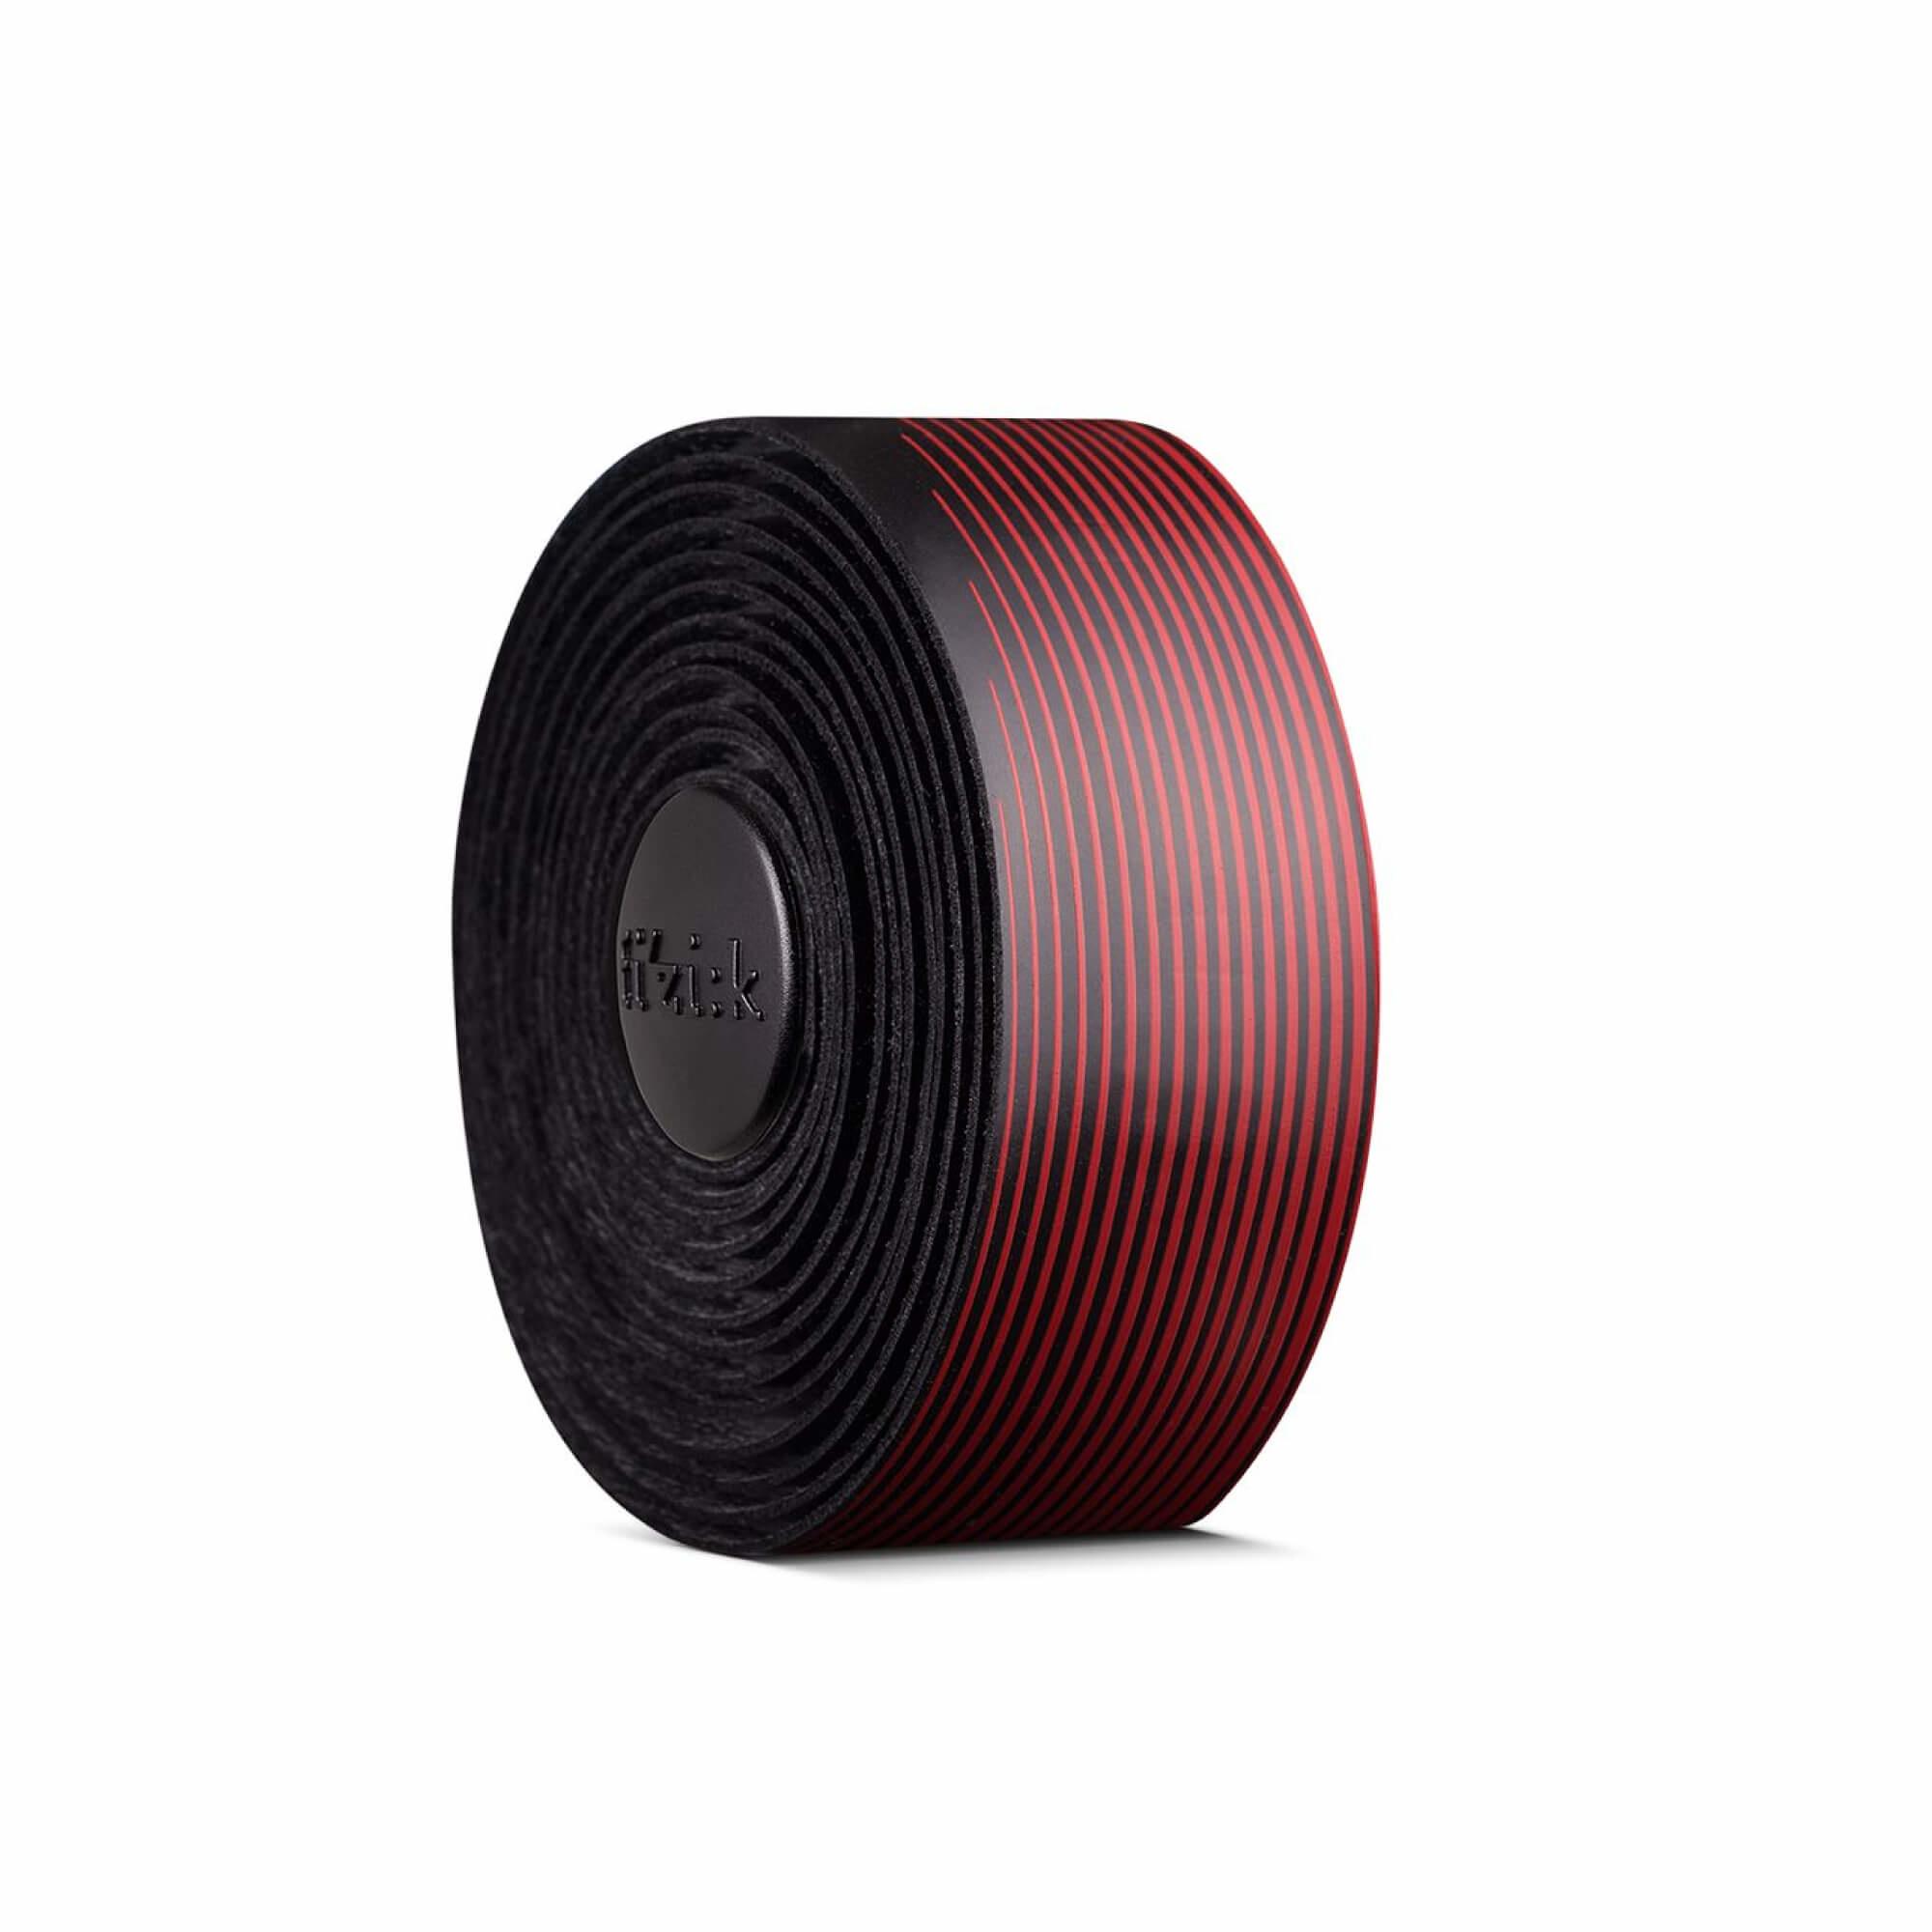 Bar Tape Vento Microtex Tacky-2